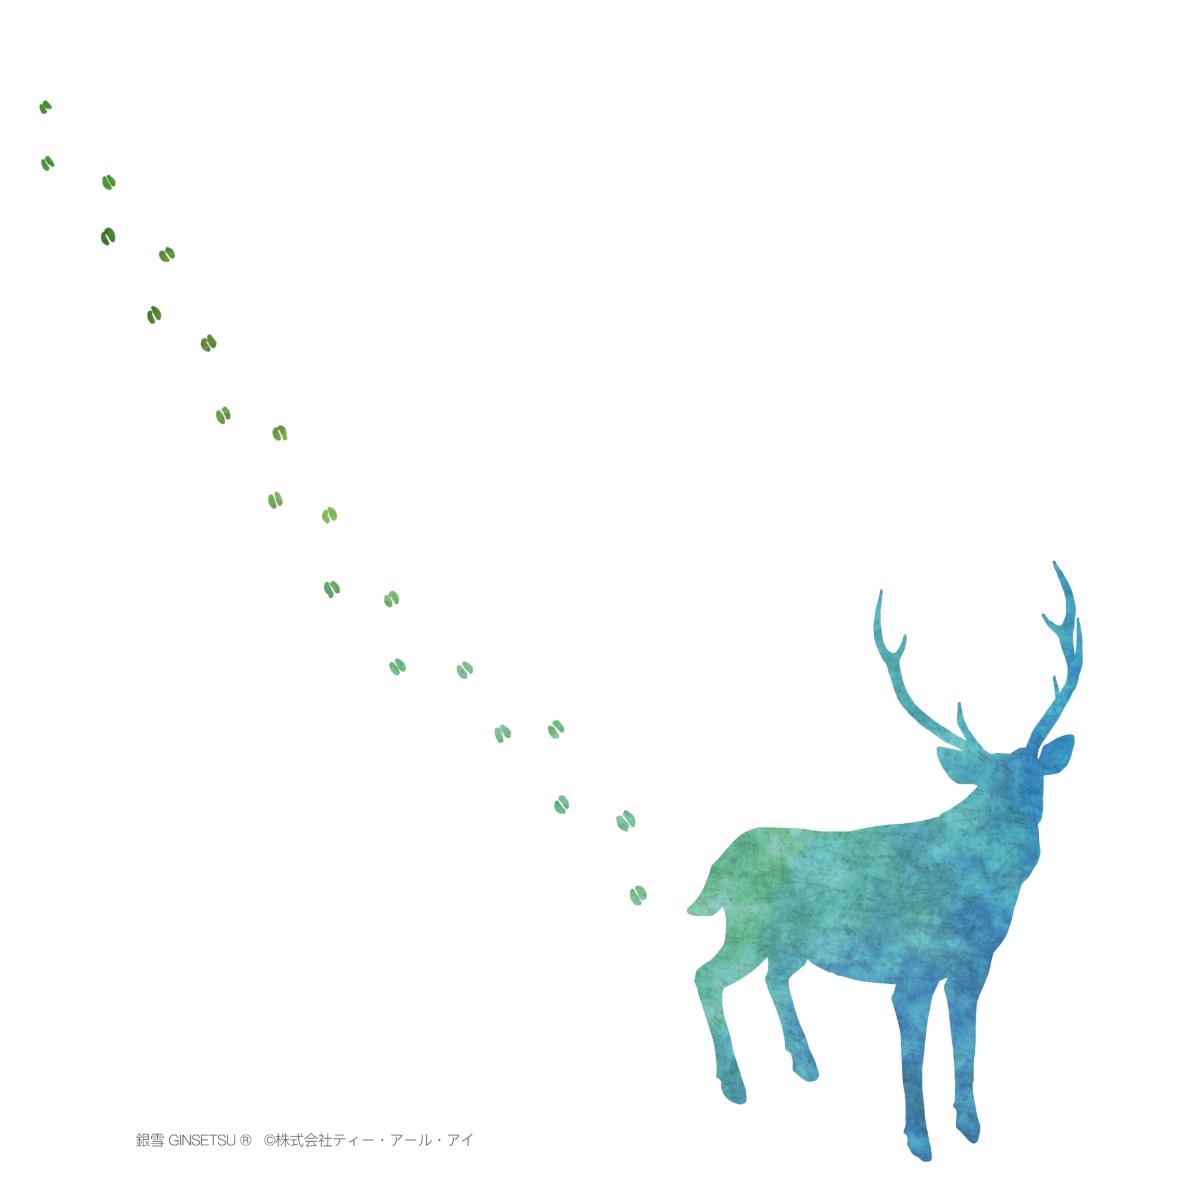 【消臭・抗菌・抗ウイルス・調湿機能付き】 漆喰和紙『銀雪』使用 マスクフォルダー 3枚セット 【アニマル柄】